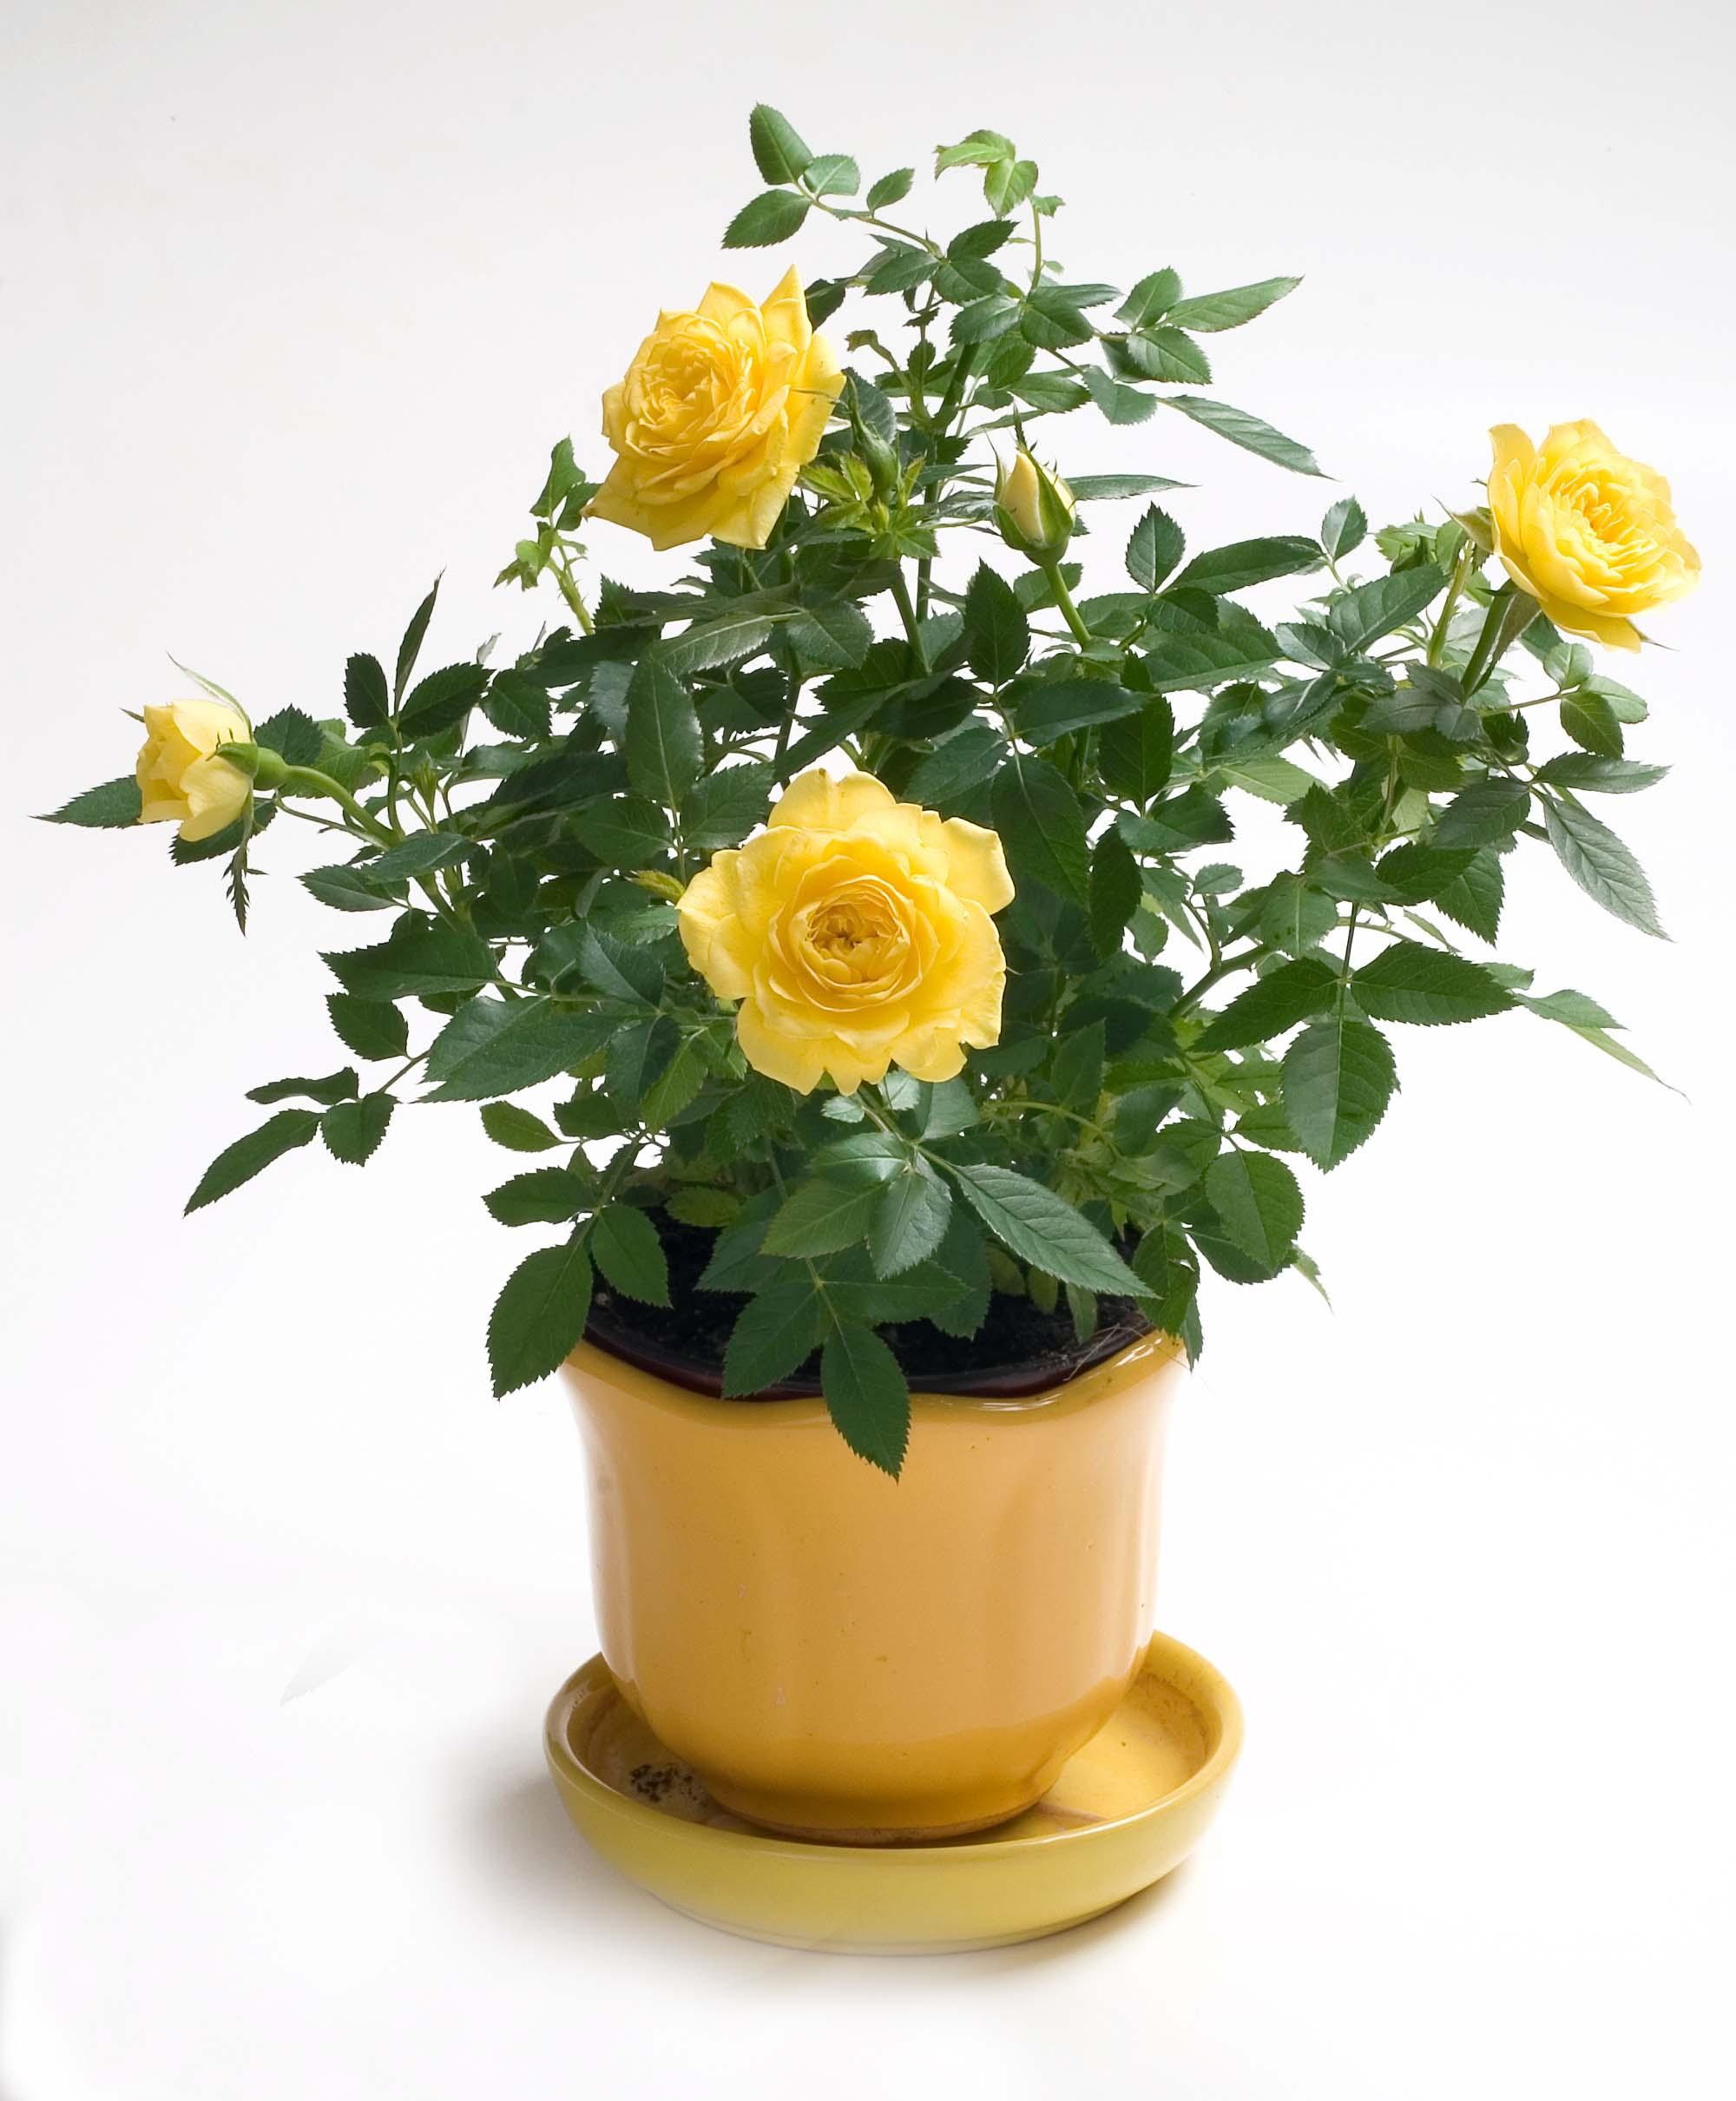 Cây hoa hồng màu vàng